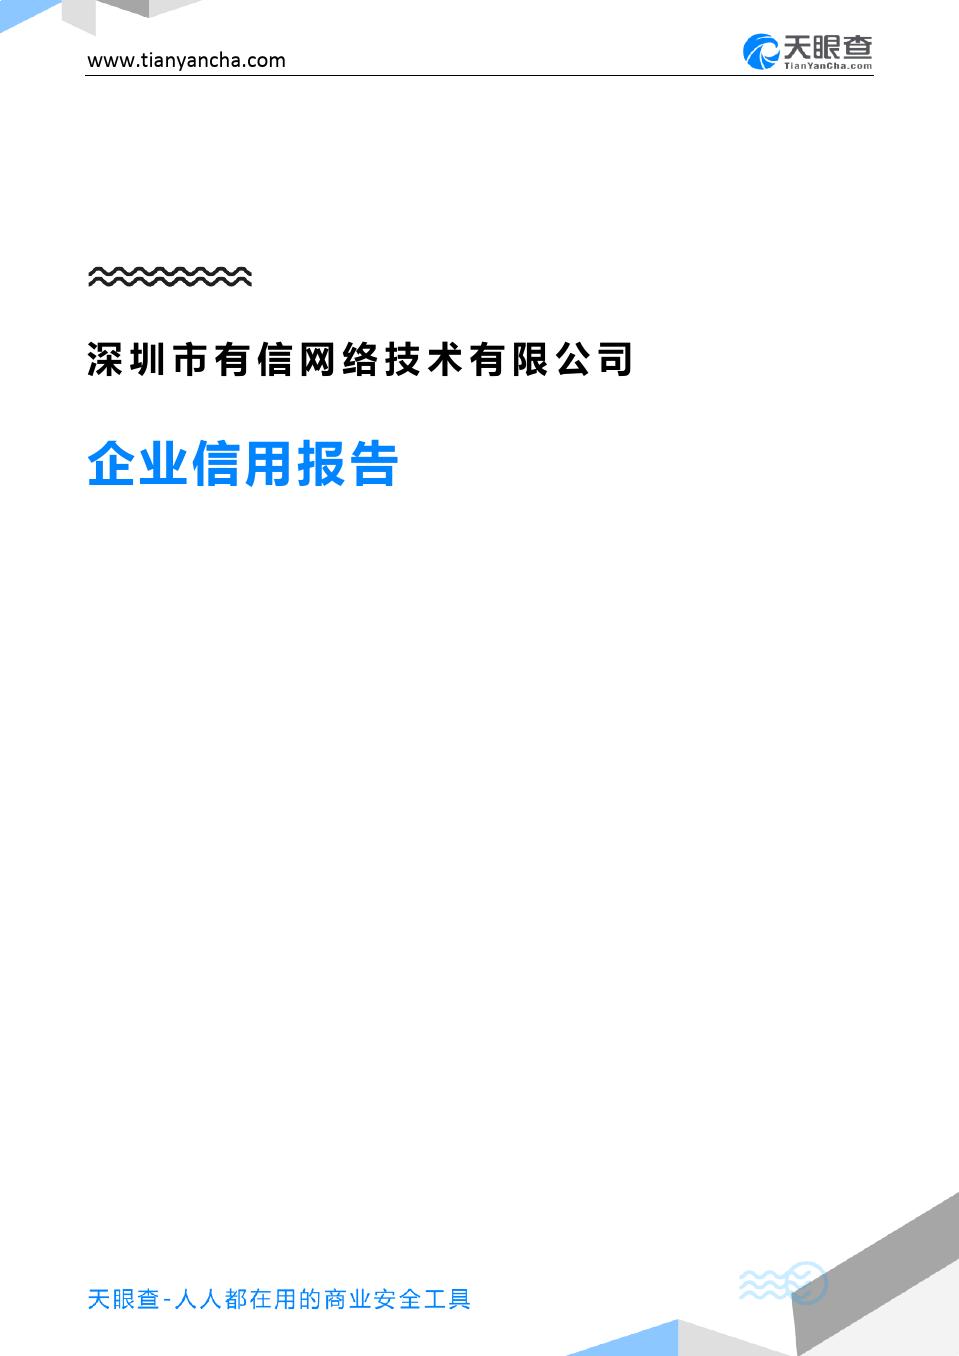 深圳市有信网络技术有限公司(企业信用报告)- 天眼查